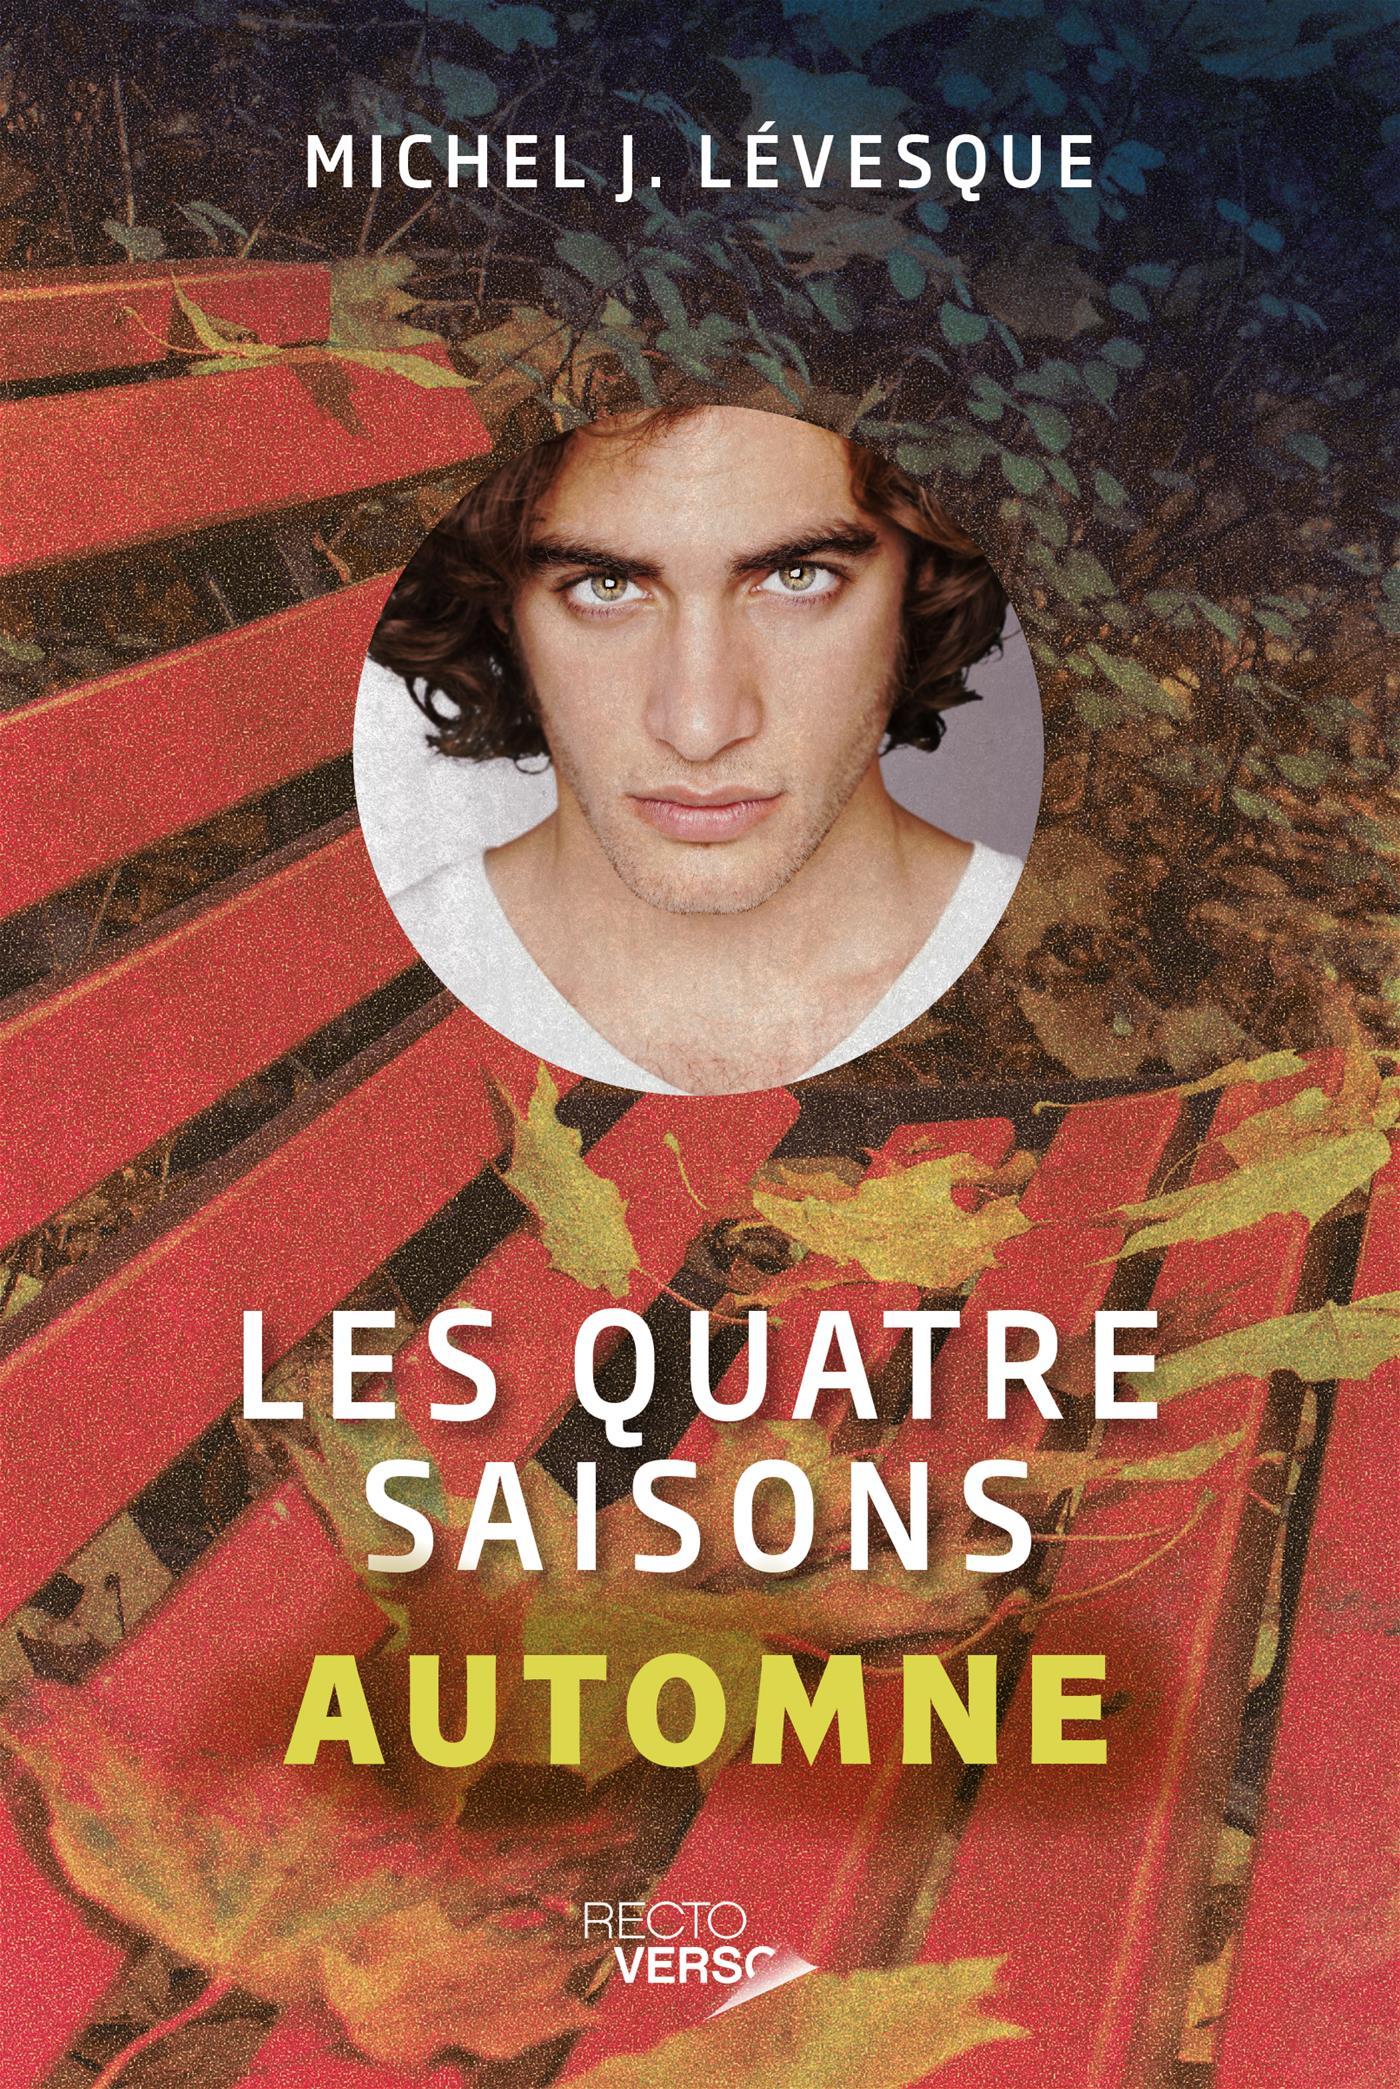 L'automne - Les quatre saisons